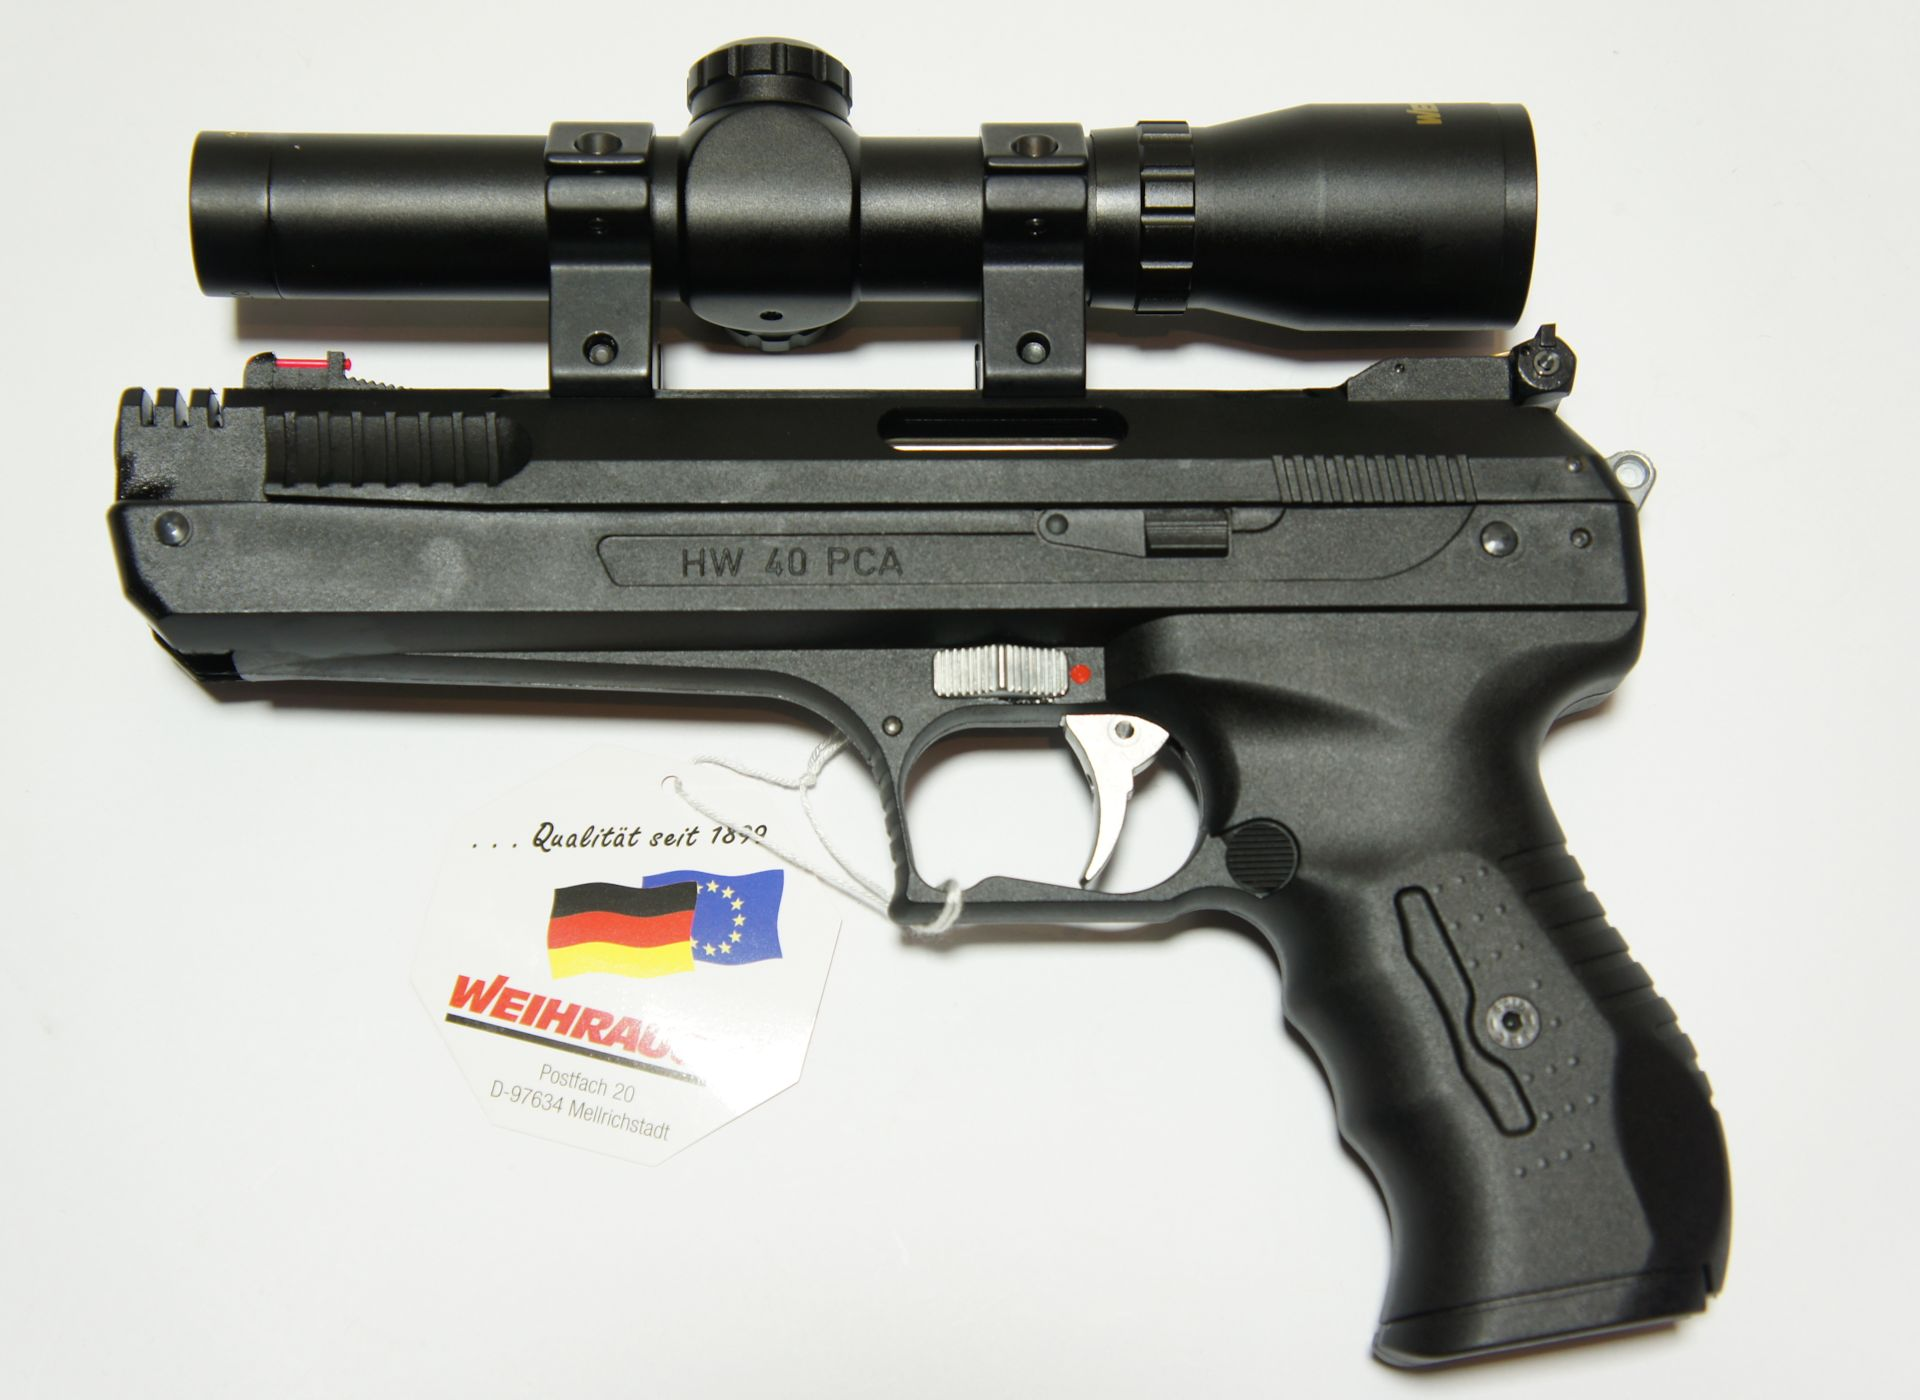 Hier sehen Sie die  Luftpistole HW 40 mit einem Pistolenzielfernrohr. <a href=1130100_Pistolenzielfernrohr.htm>Diese Zieloptik der Marke Weihrauch </a>ist hier als Zubehör erhältlich.